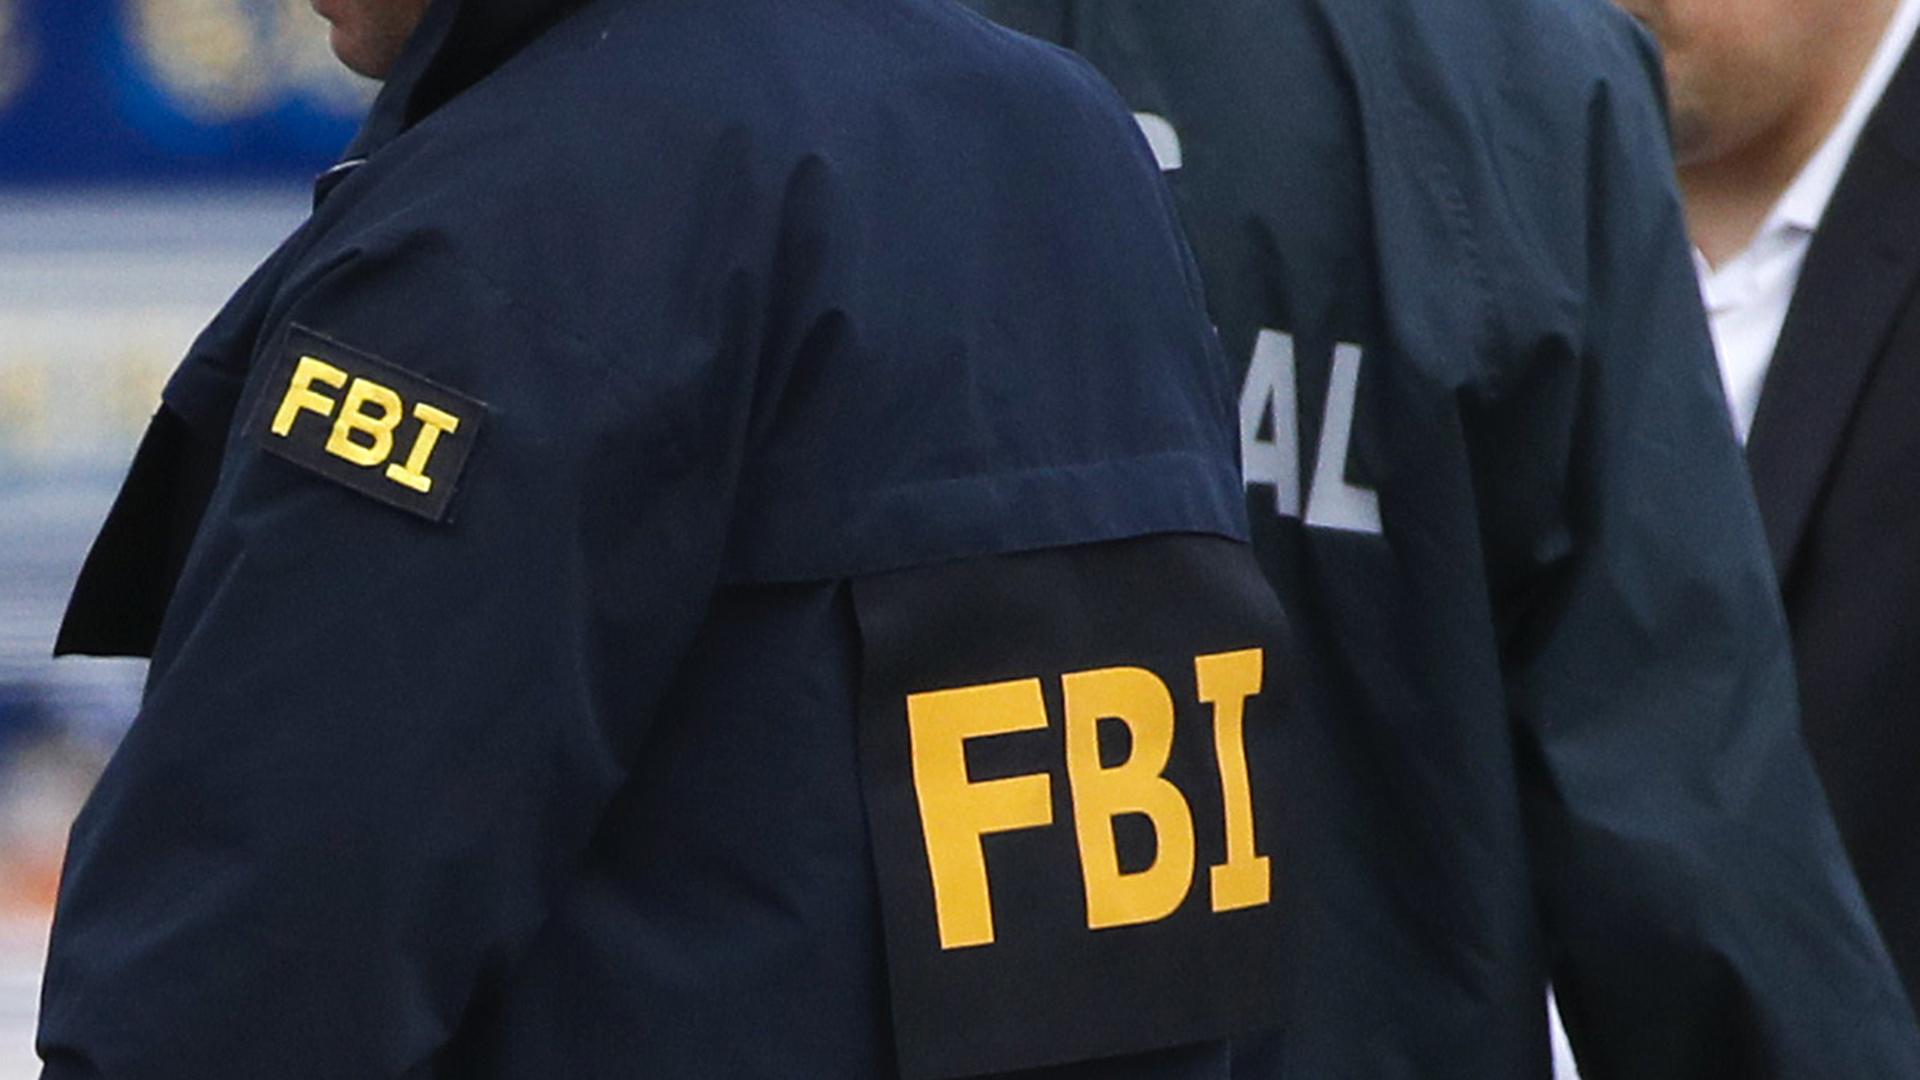 El FBI, bajo escrutinio sobre las investigaciones de Rusia y Clinton